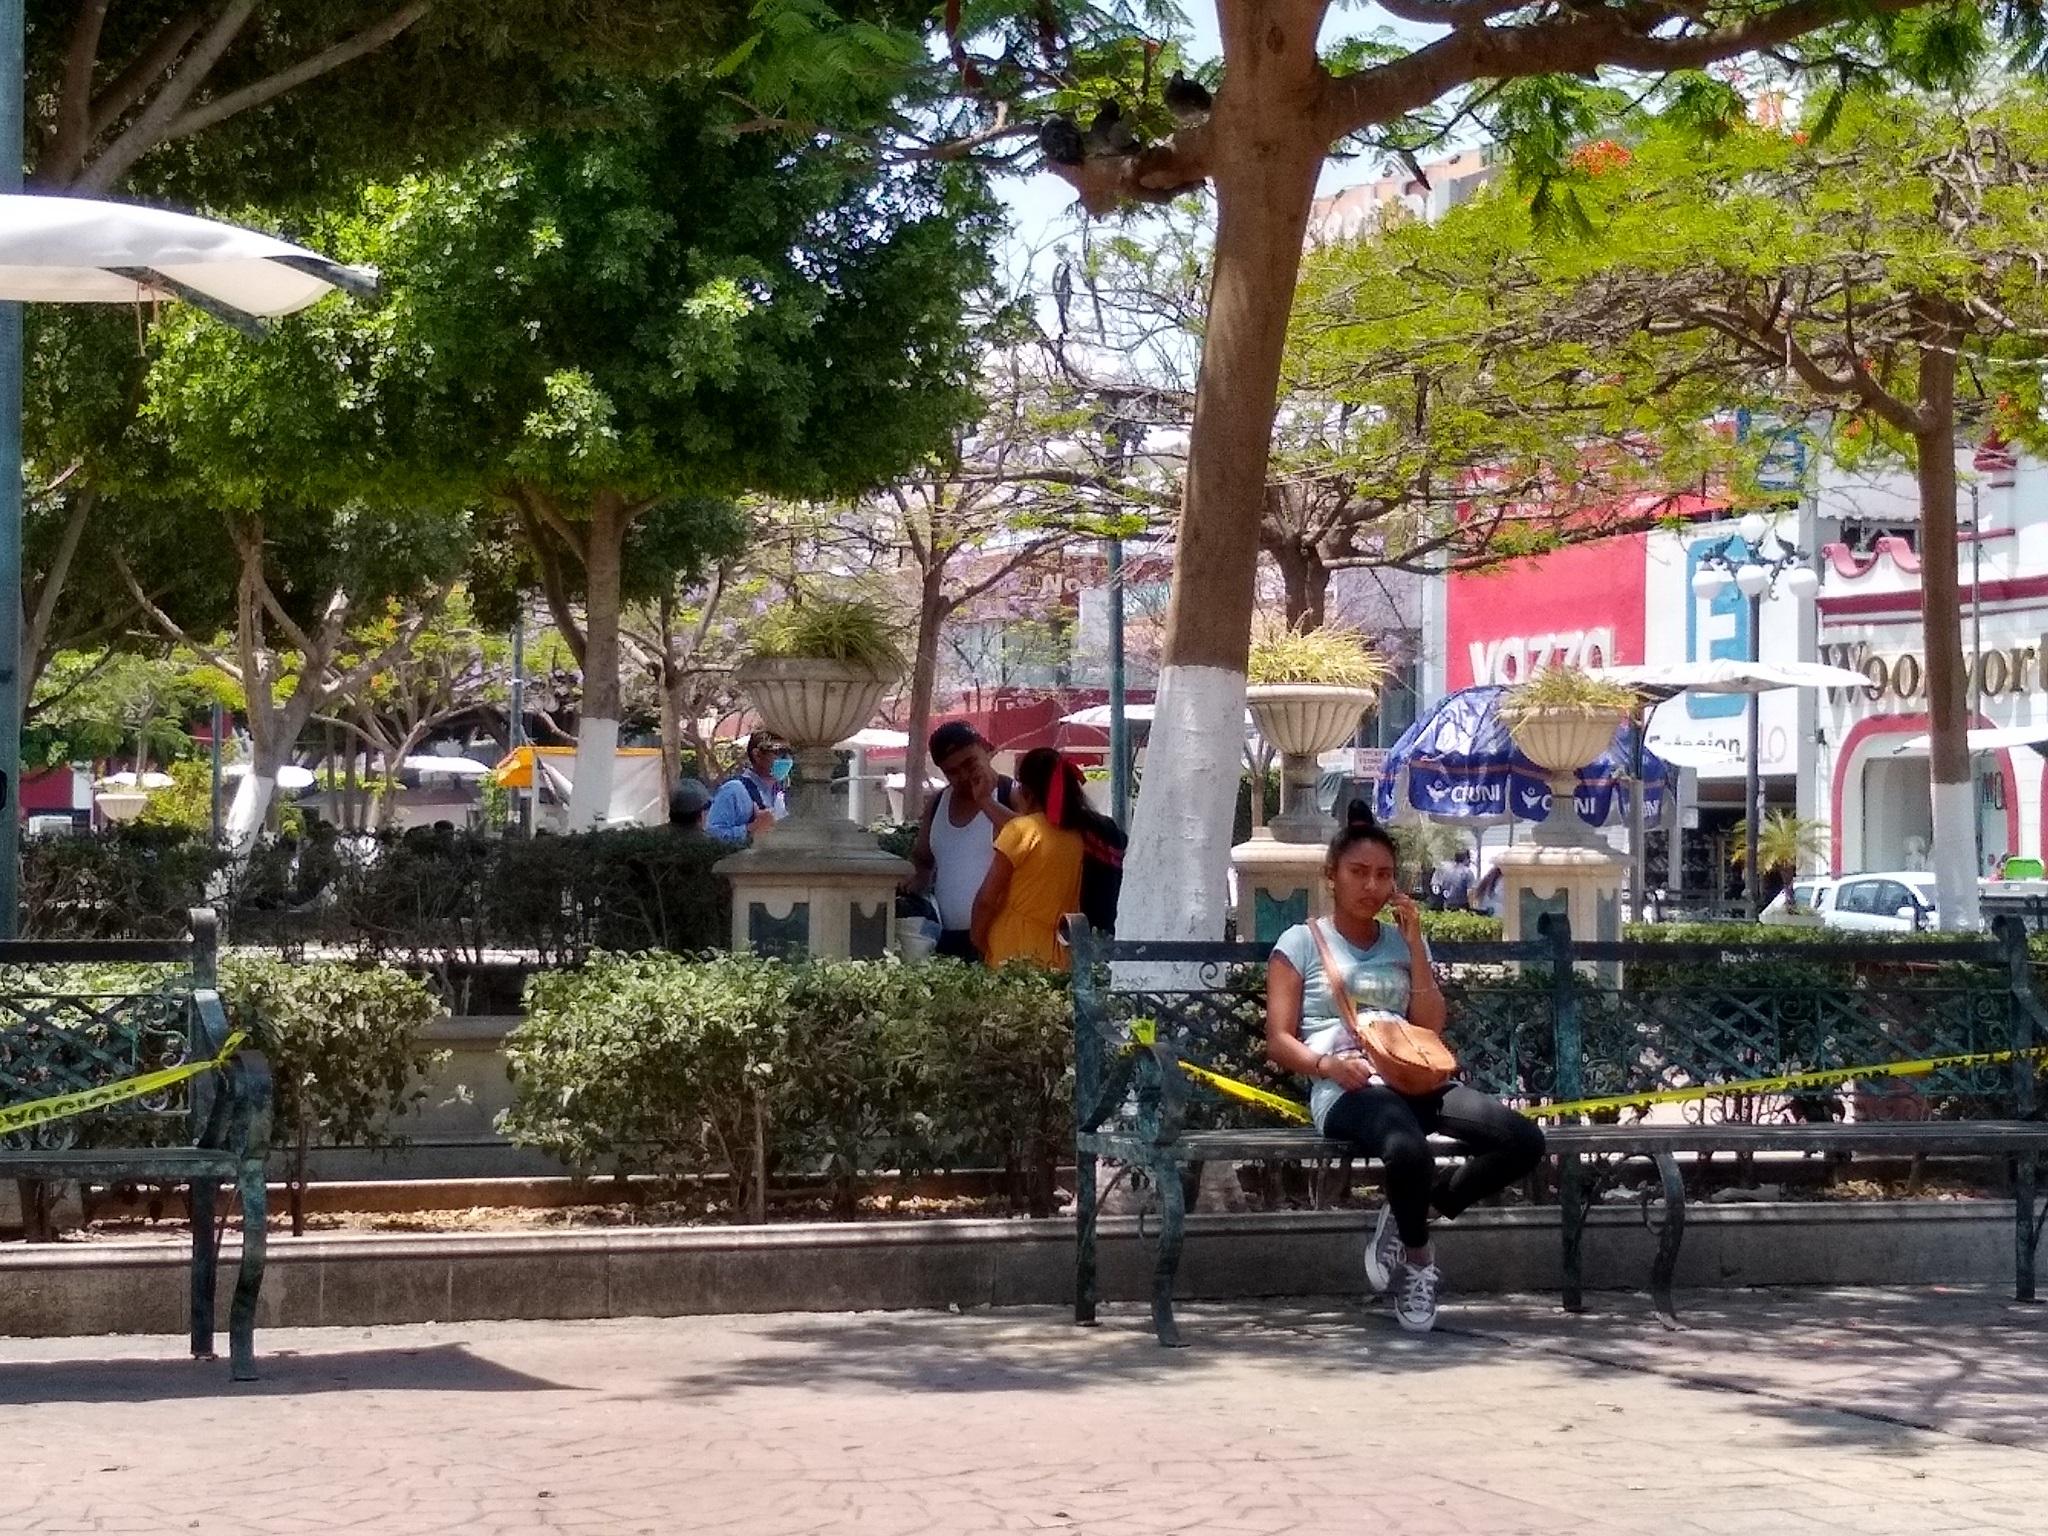 Tehuacanenses ignoran sana distancia sin que la policía pueda intervenir